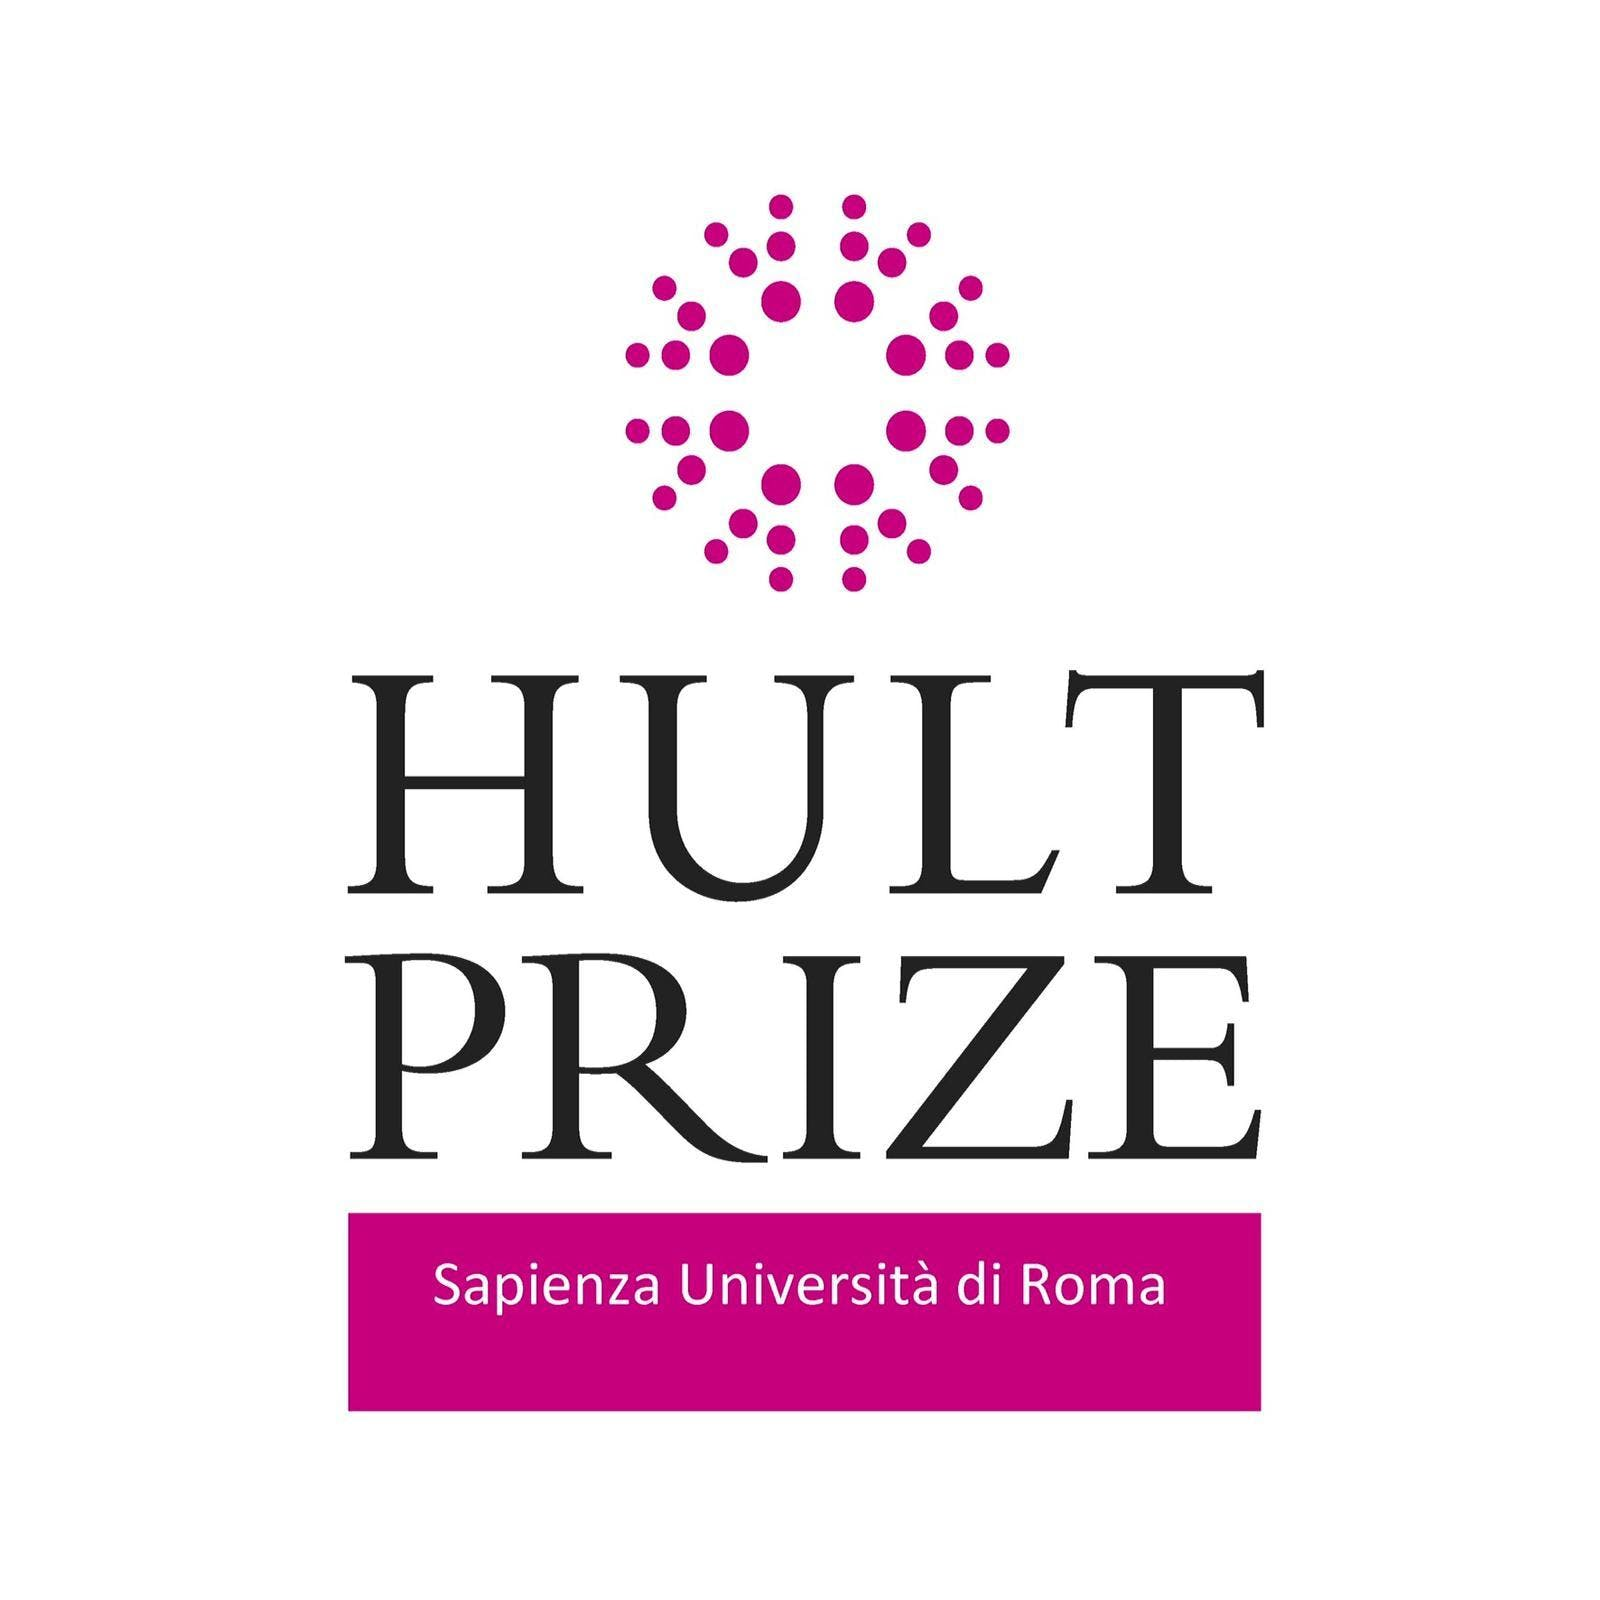 HULT PRIZE 2019 AT SAPIENZA UNIVERSITÀ DI ROM